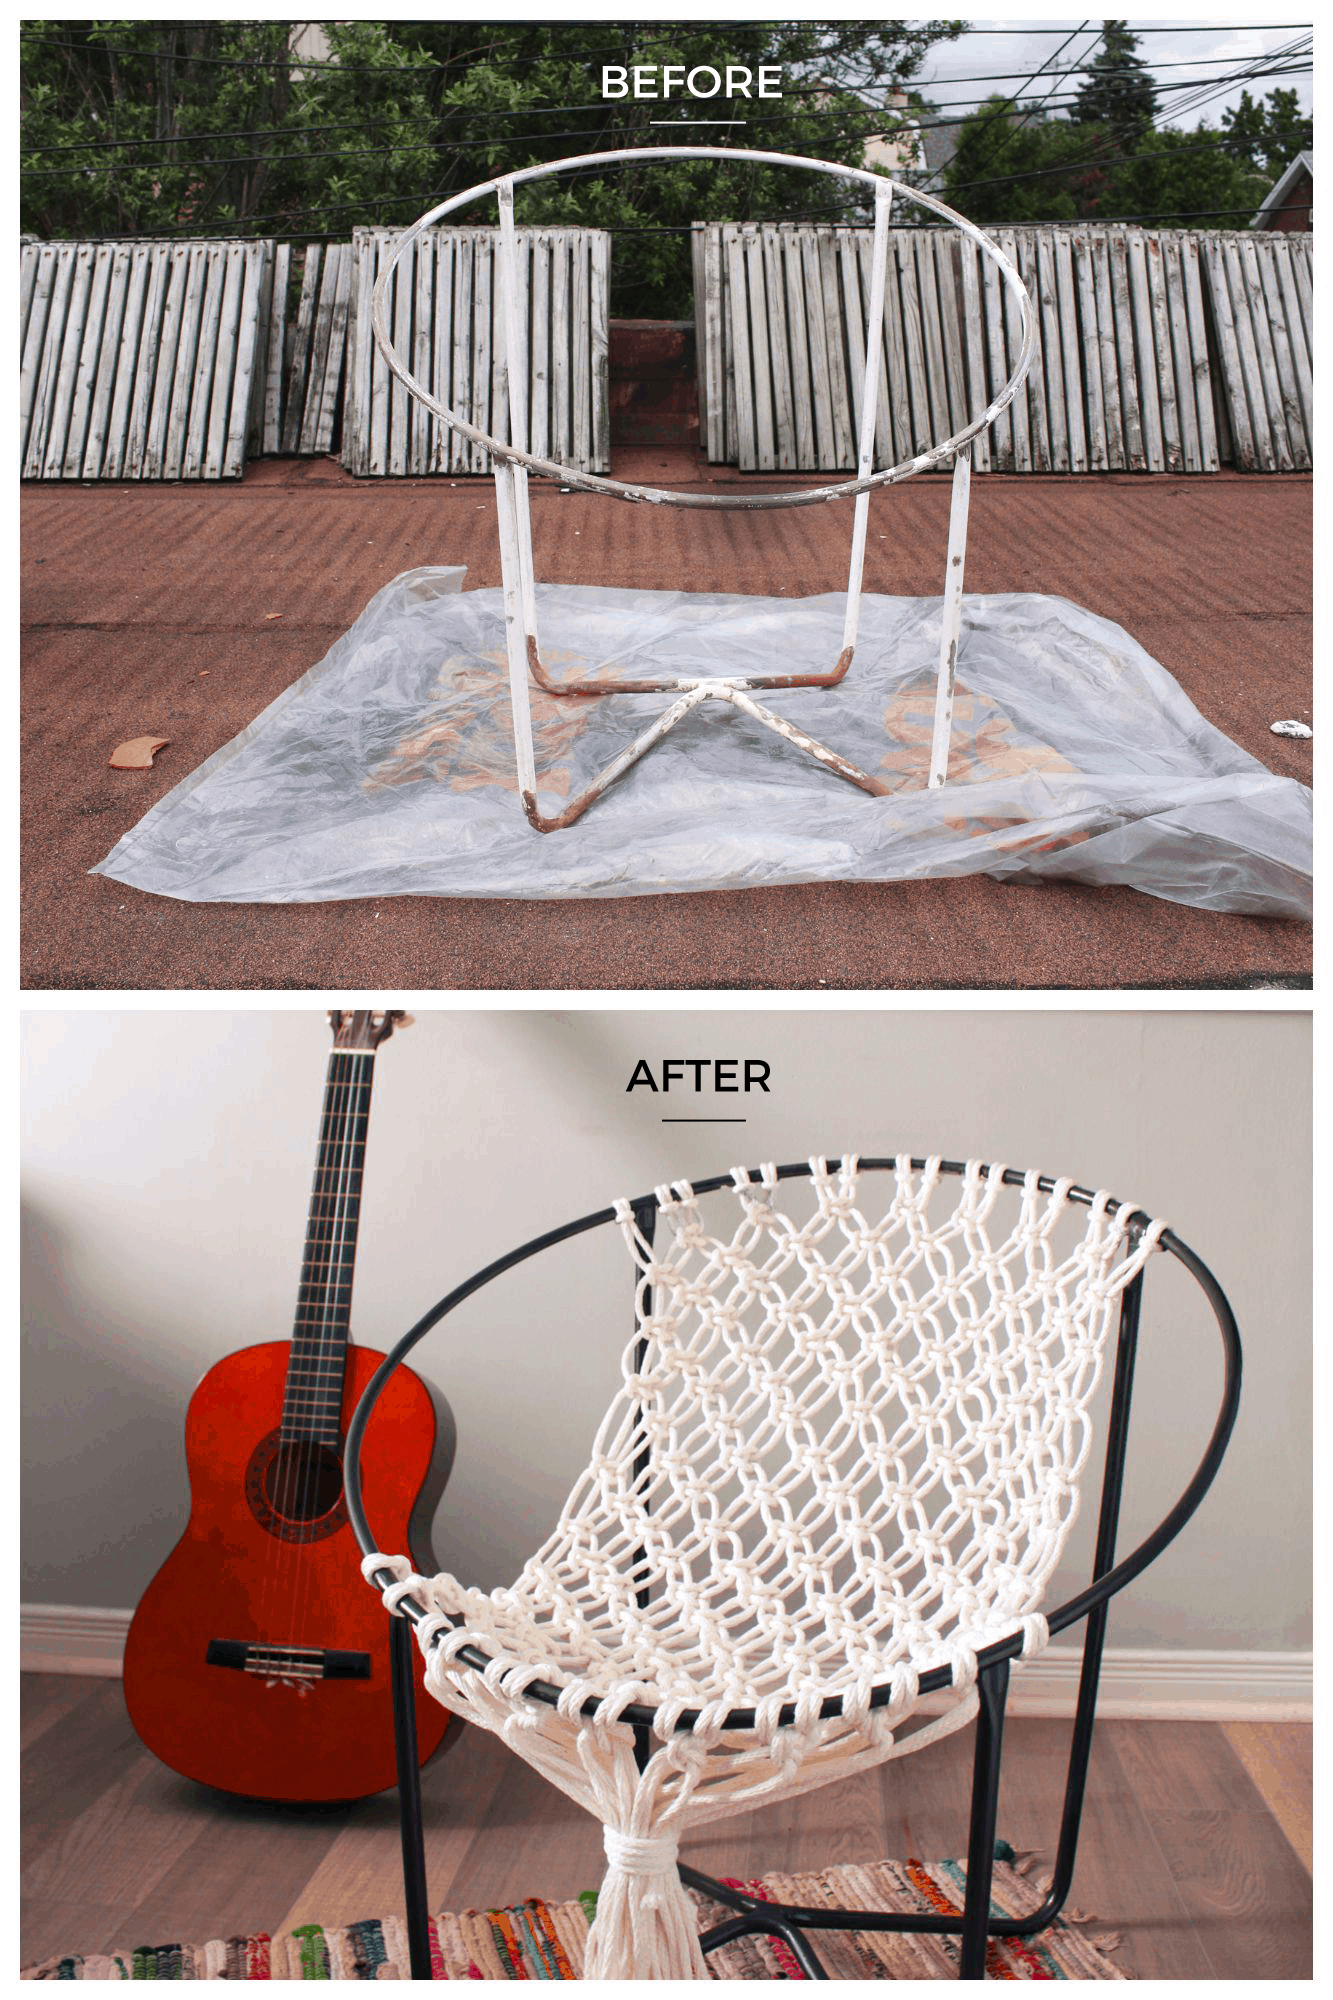 Macrame hoop hammock chair